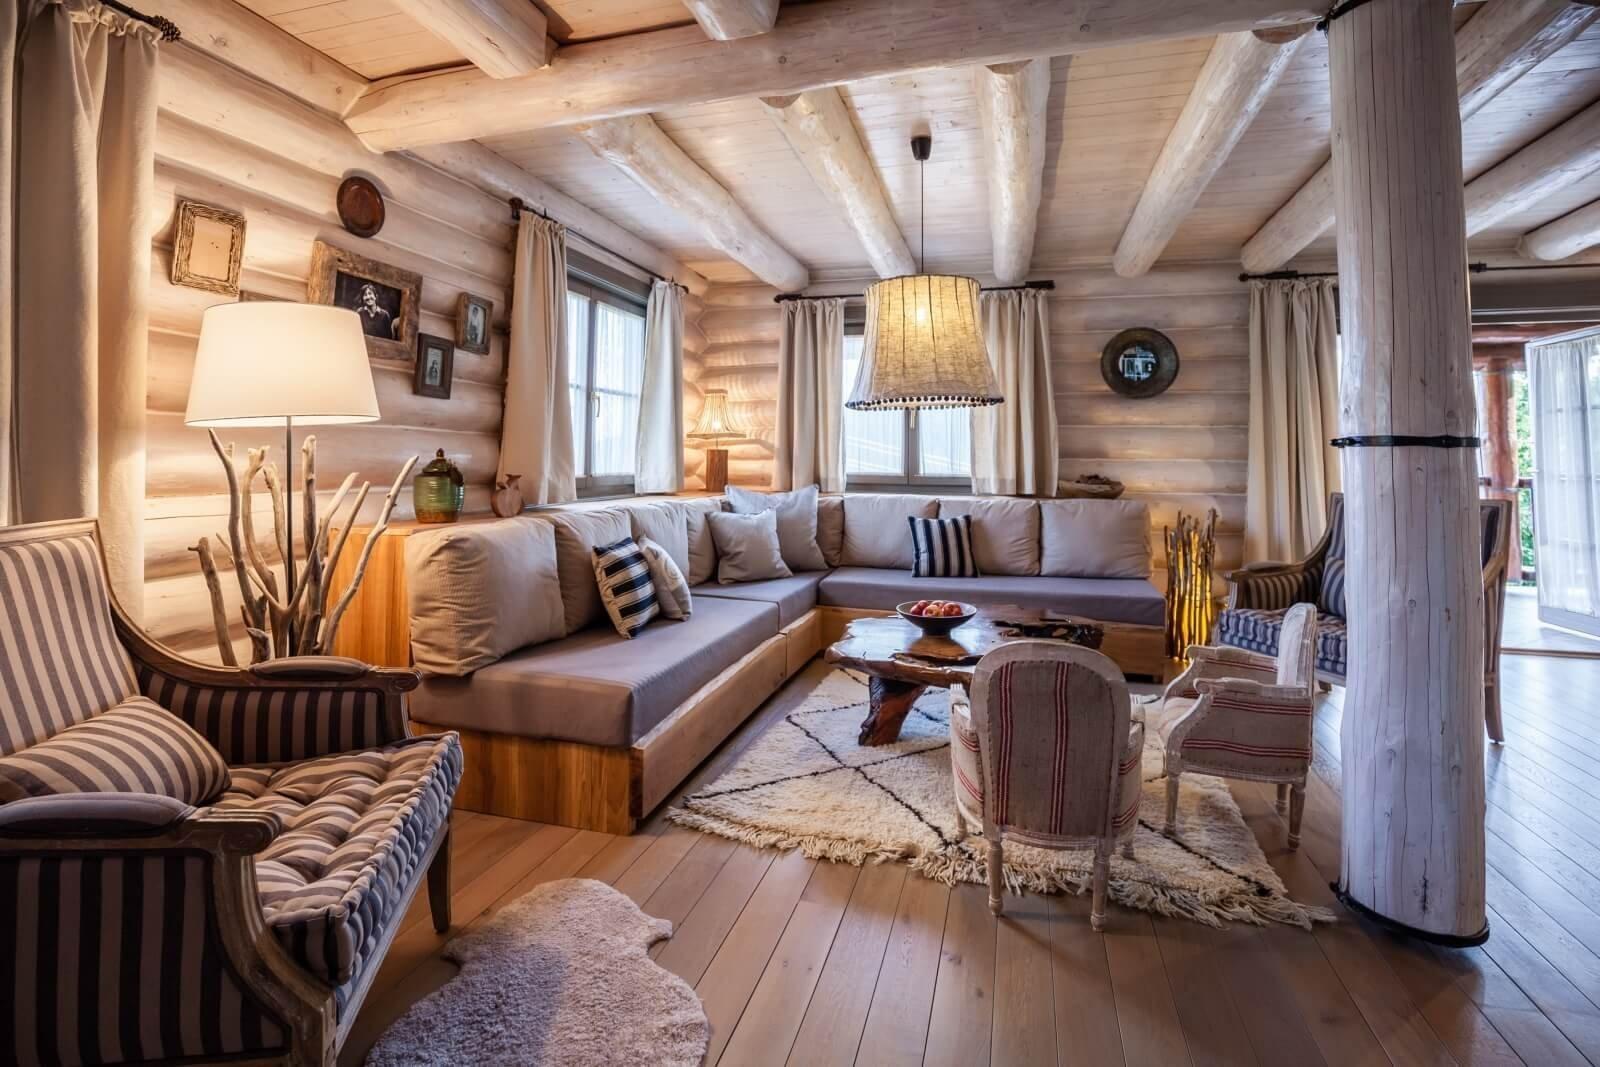 Srubové domy se v posledních letech těší stále větší oblibě, a to nejen jako víkendové chaty, ale jako plnohodnotné obydlí, které je navíc i ekologicky přátelské, což je v této době určitě něco k zamyšlení. Nyní se spolu podíváme na jeden takovýto srub, který je v romanticky vypadajícím provensálském stylu.